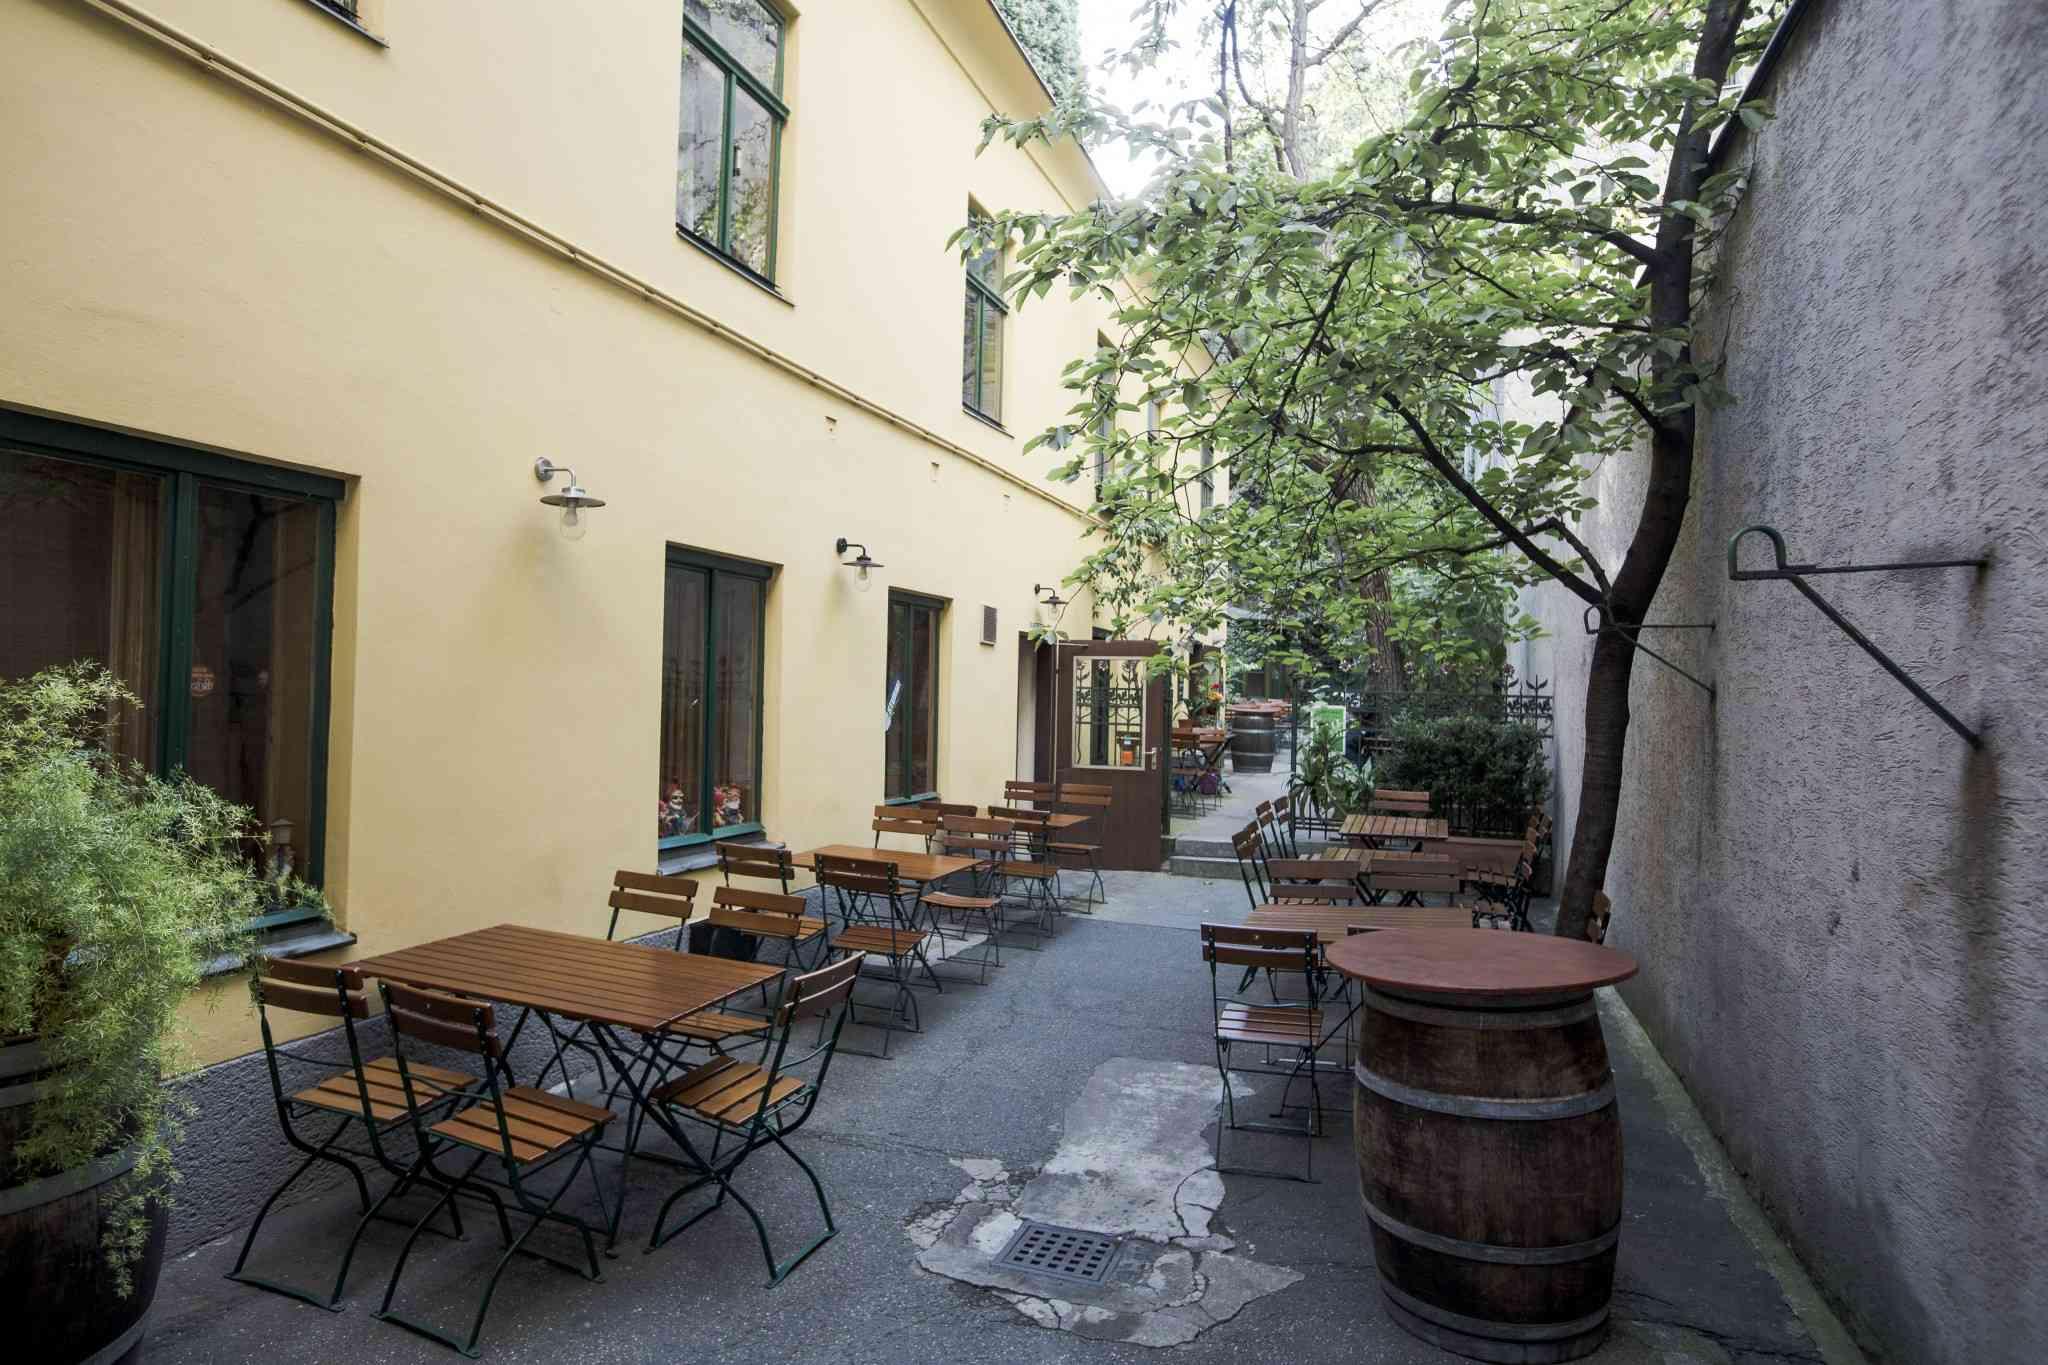 """Unerwartet: Mitten in der Stadt findet sich die """"Weinstube Josefstadt"""" mit einem gemütlichen Gastgarten."""